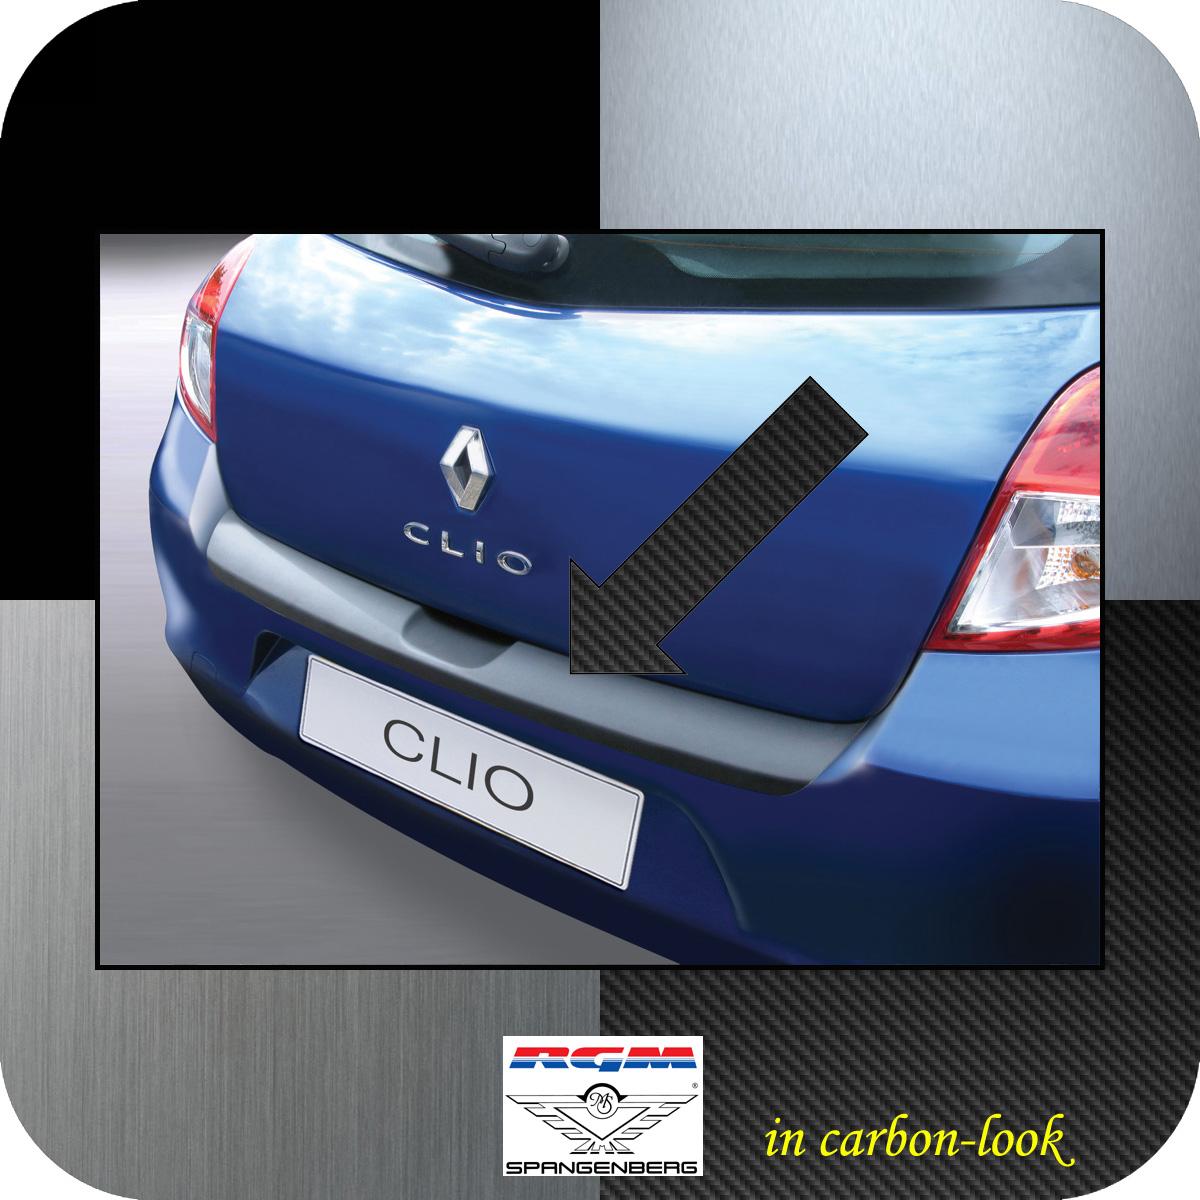 Ladekantenschutz Carbon-Look Renault Clio 3 III ab facelift 2009-2012 3509471